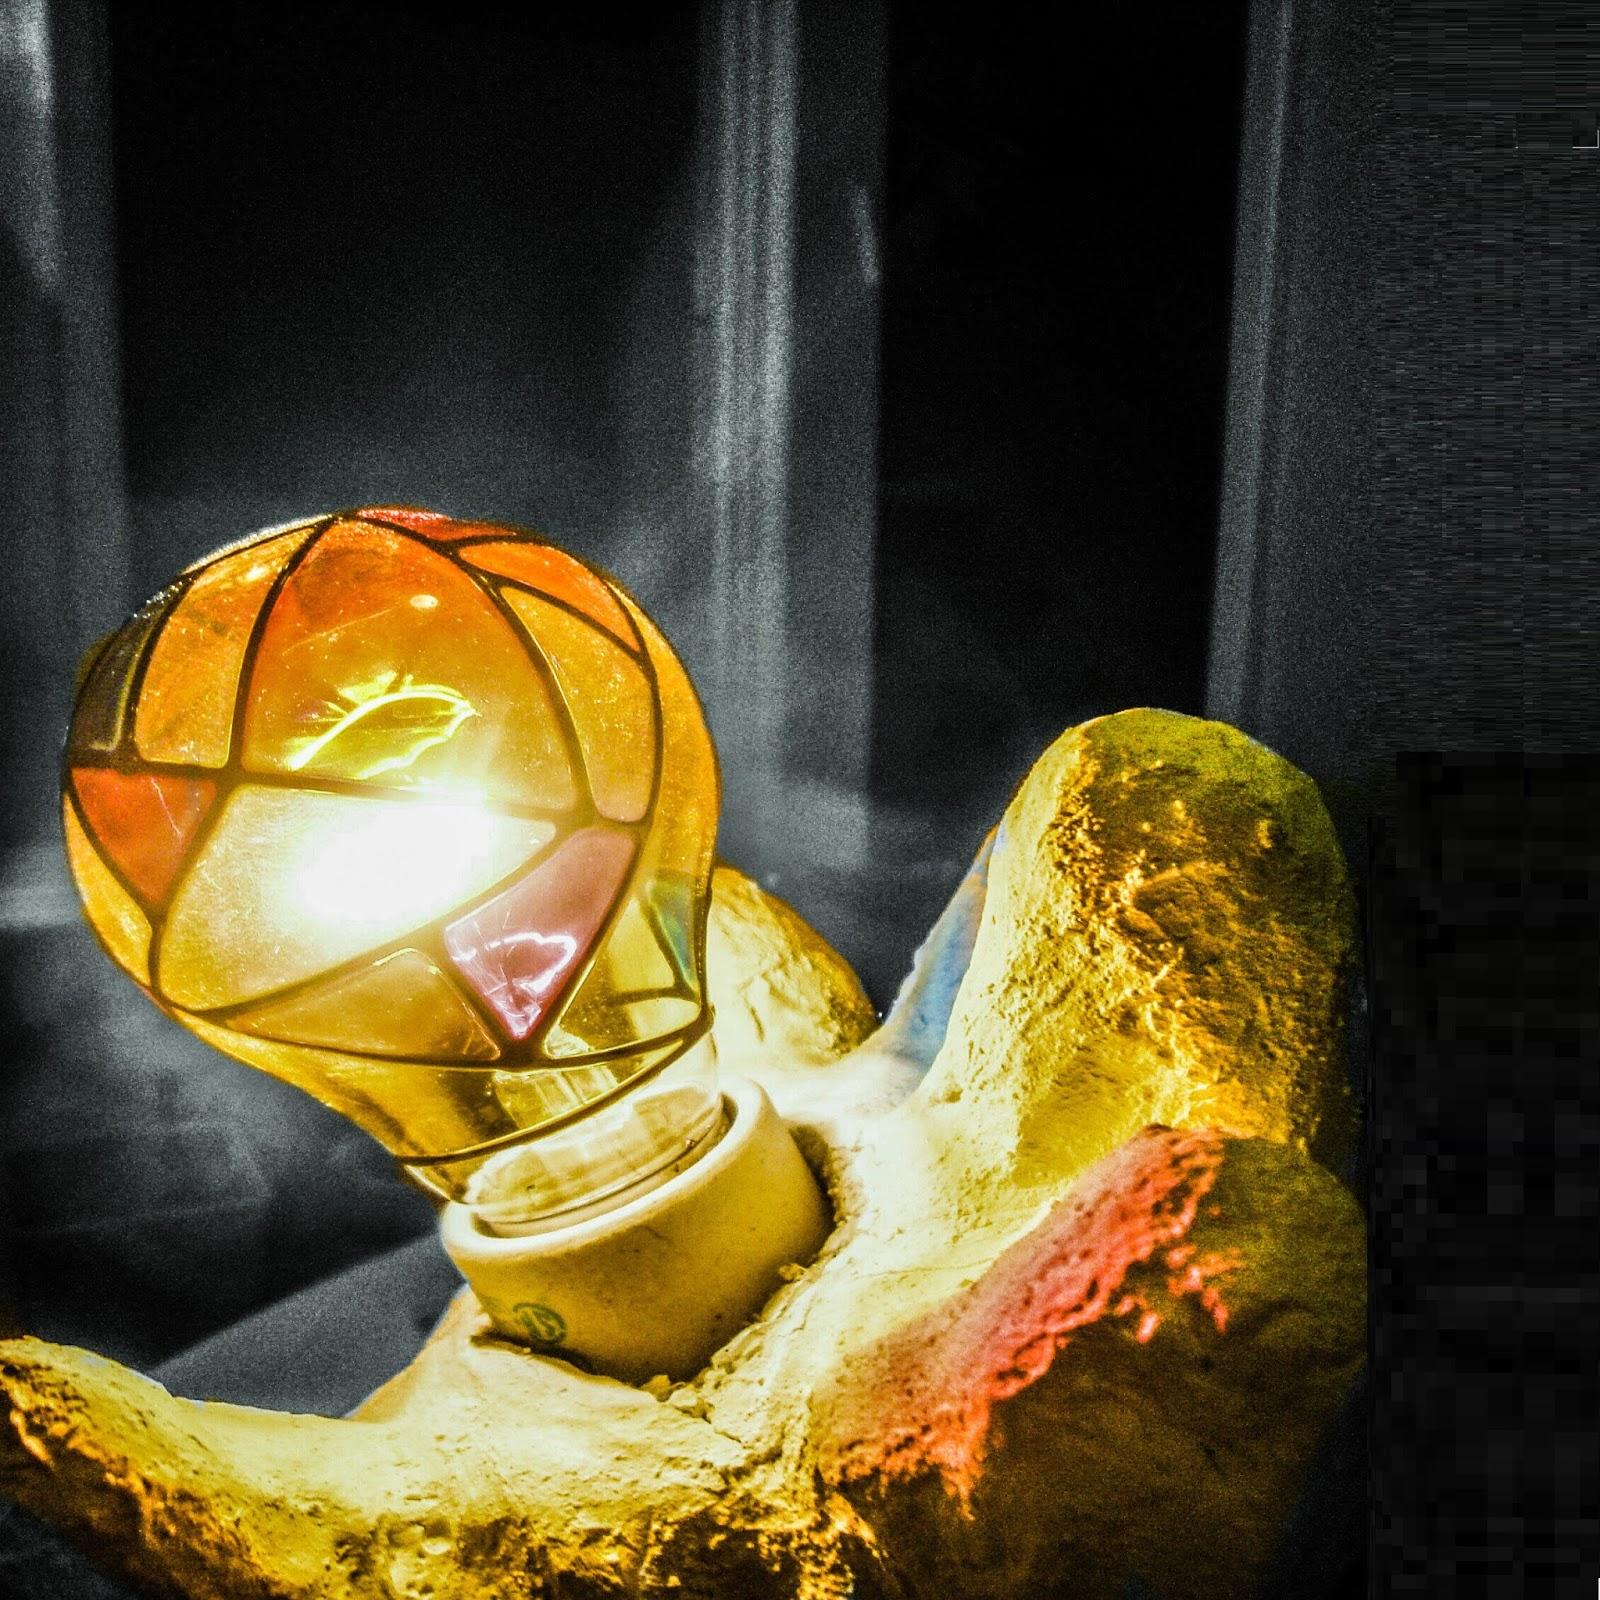 מנורת יד צבעונית